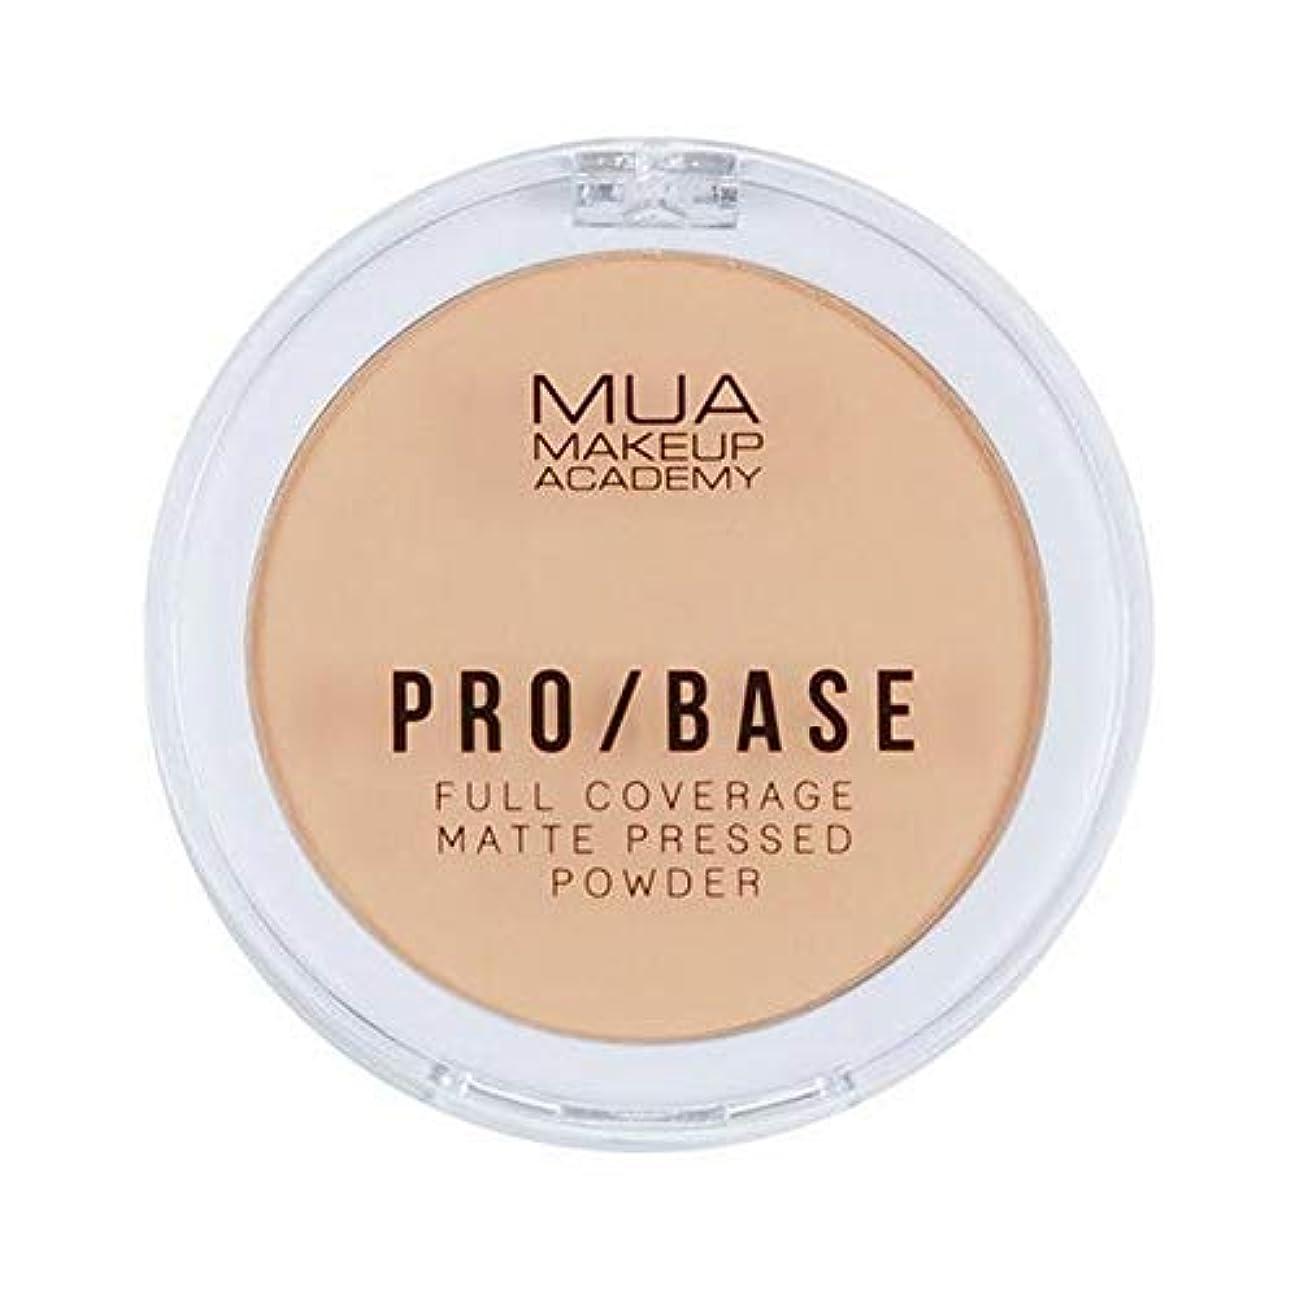 罰しない現れる[MUA] Mua Pro/ベースフルカバレッジマット粉末#120 - MUA Pro/Base Full Coverage Matte Powder #120 [並行輸入品]